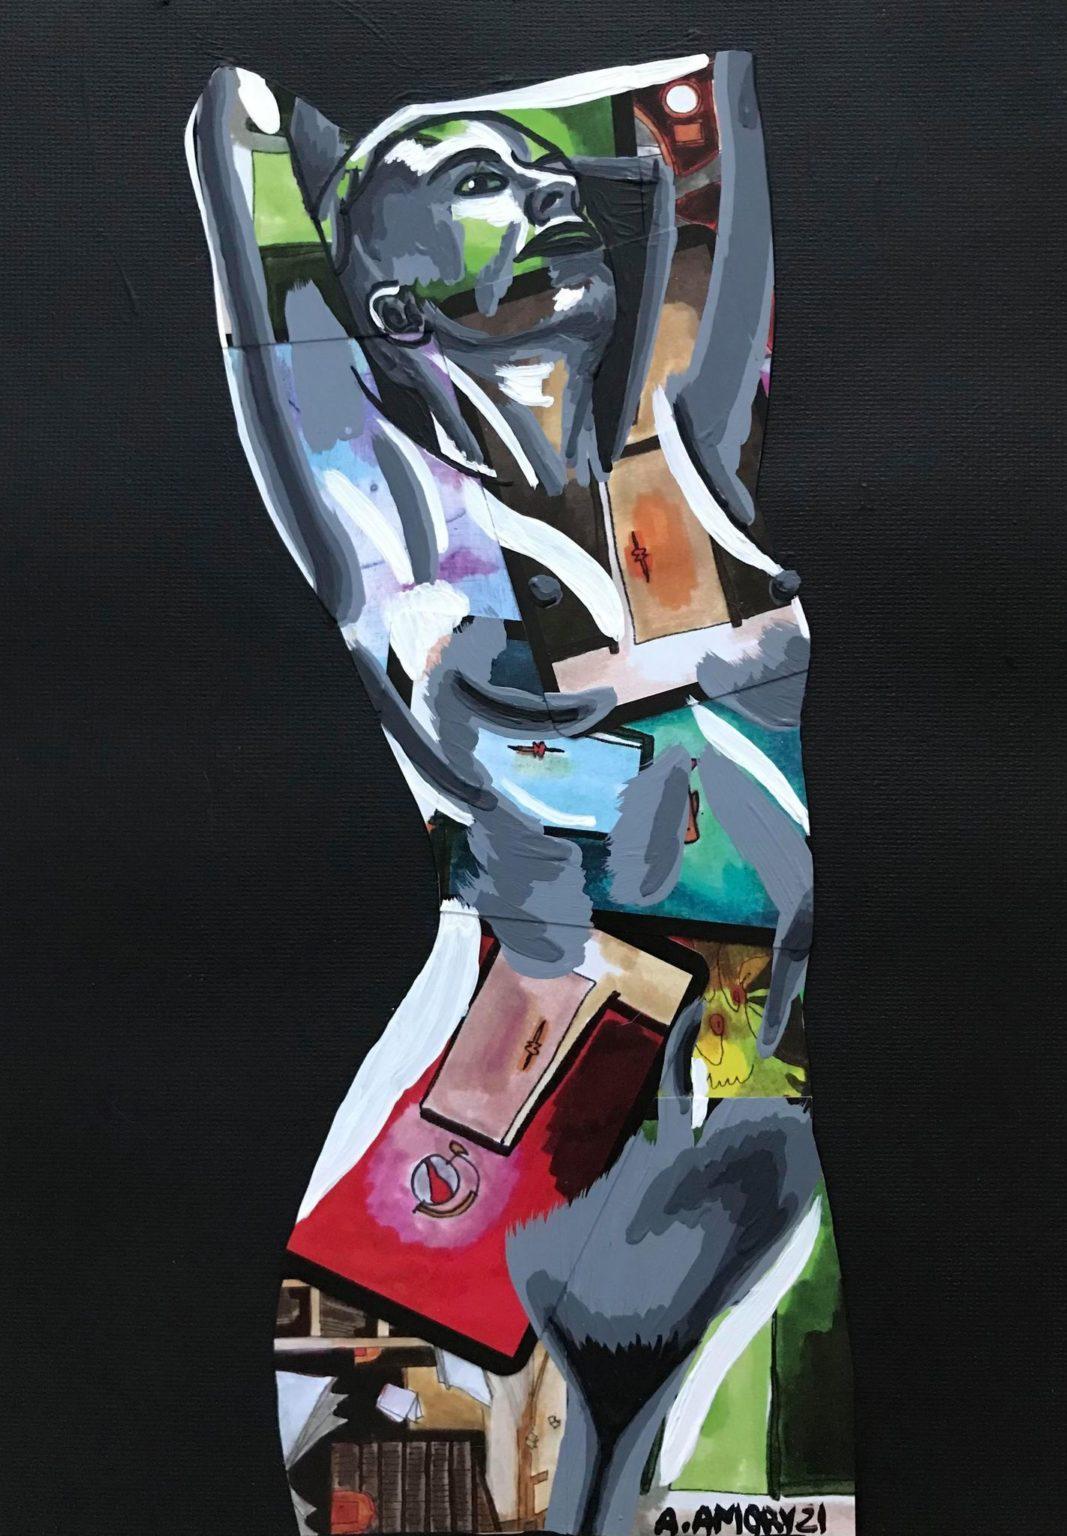 Andrea (Vendue) 22 x 30 cm - 2021